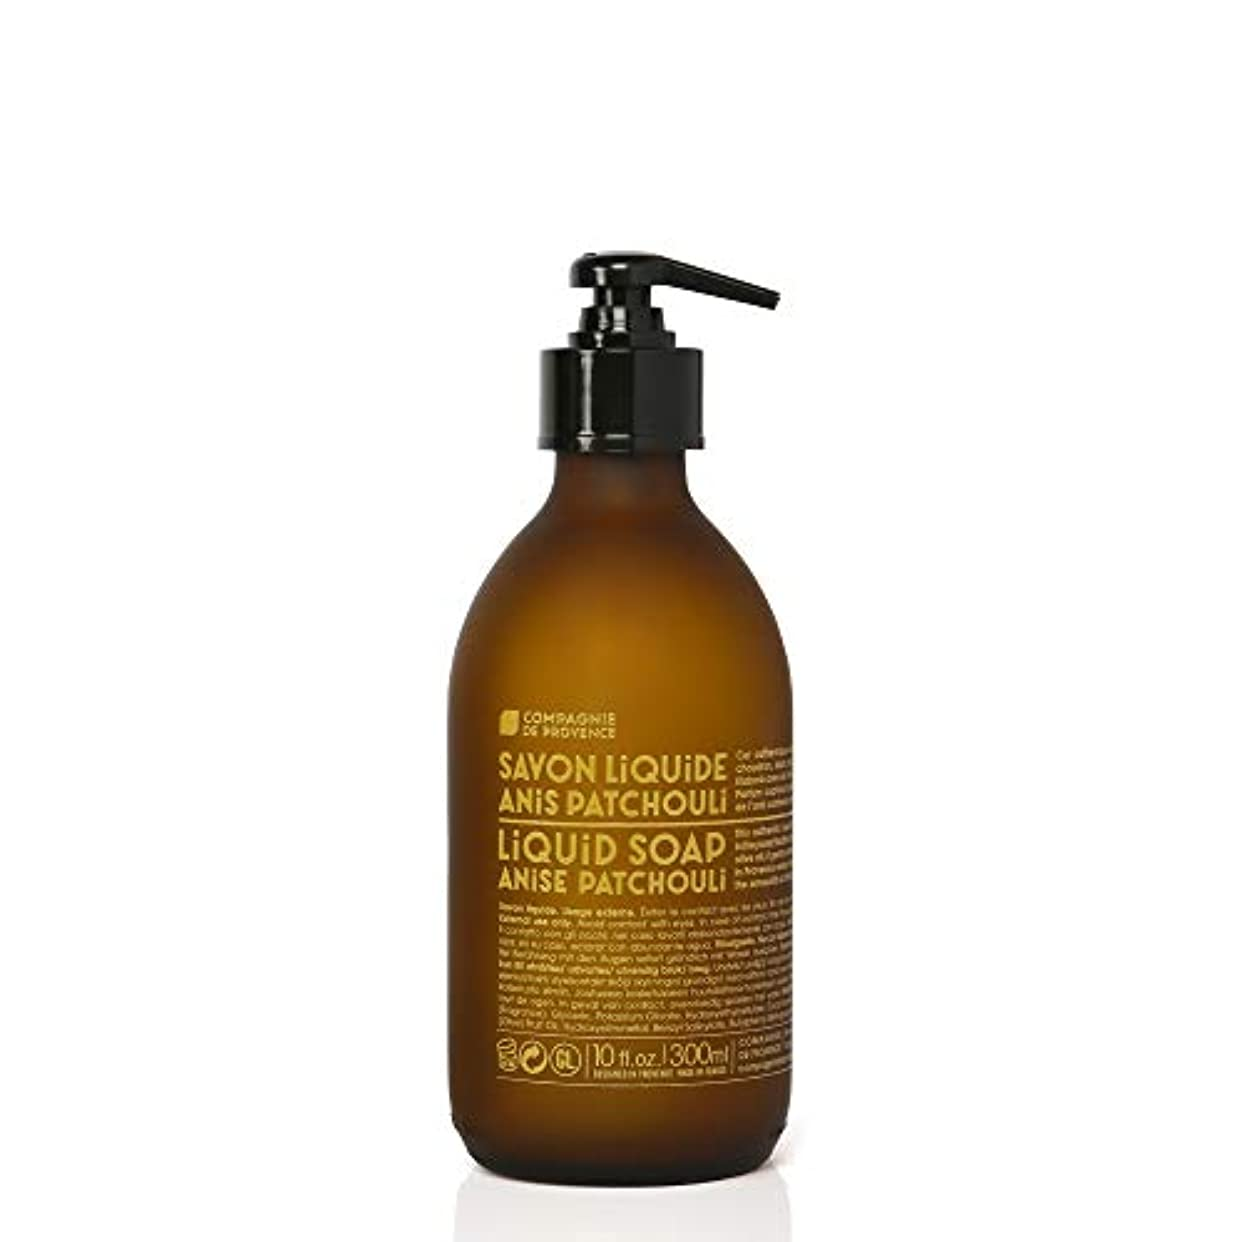 上下するフェンススイス人Compagnie de ProvenceマルセイユLiquid Soap Made in France 16.9 FL OZガラスボトル